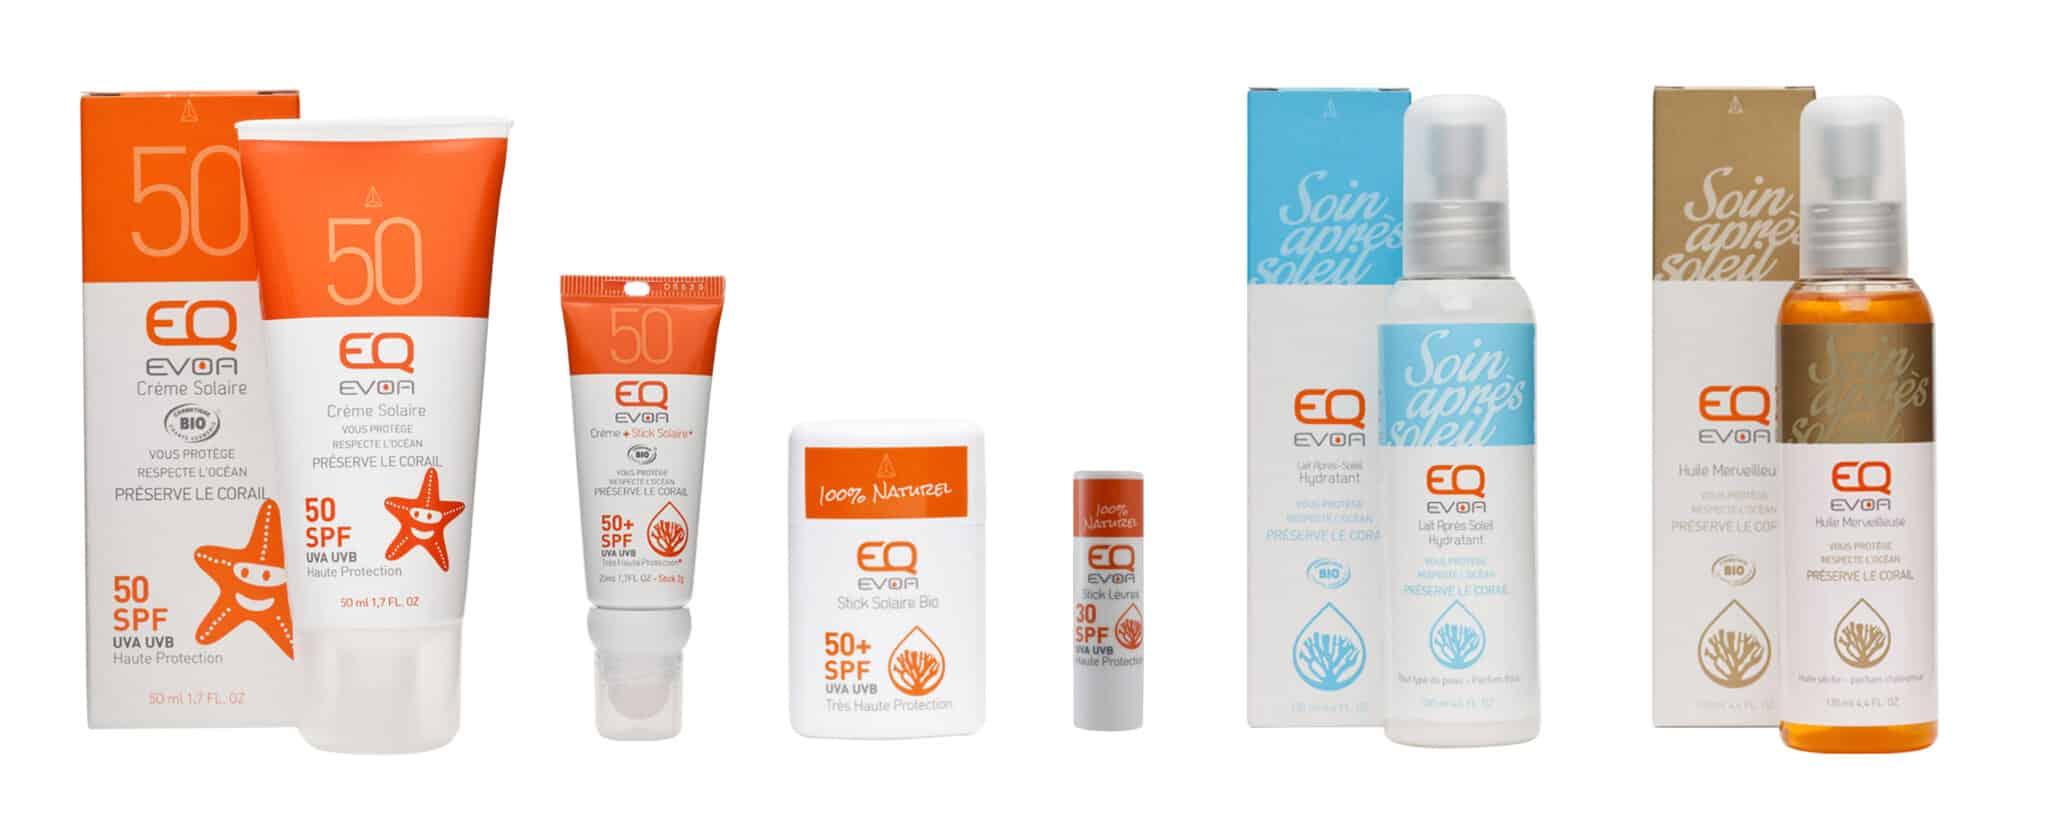 Ensemble des packaging de la gamme solaire créés pour EQ.